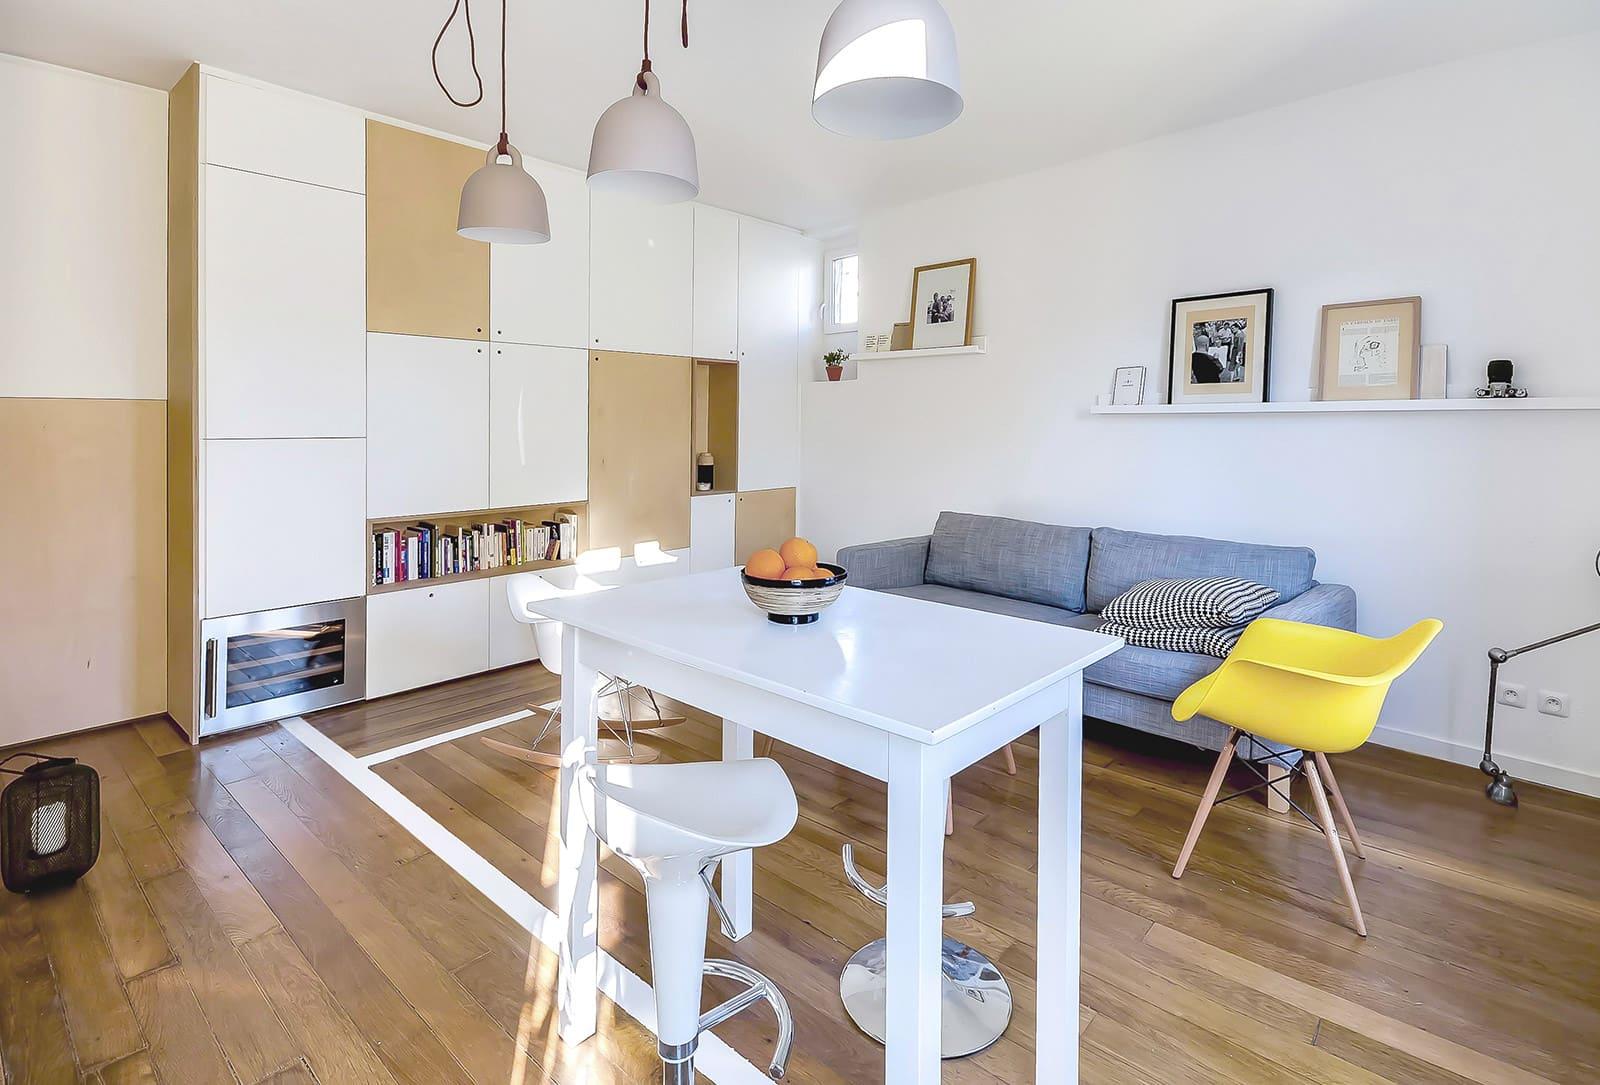 Использование натуральных материалов - модный тренд в оформлении интерьеров квартир-студий